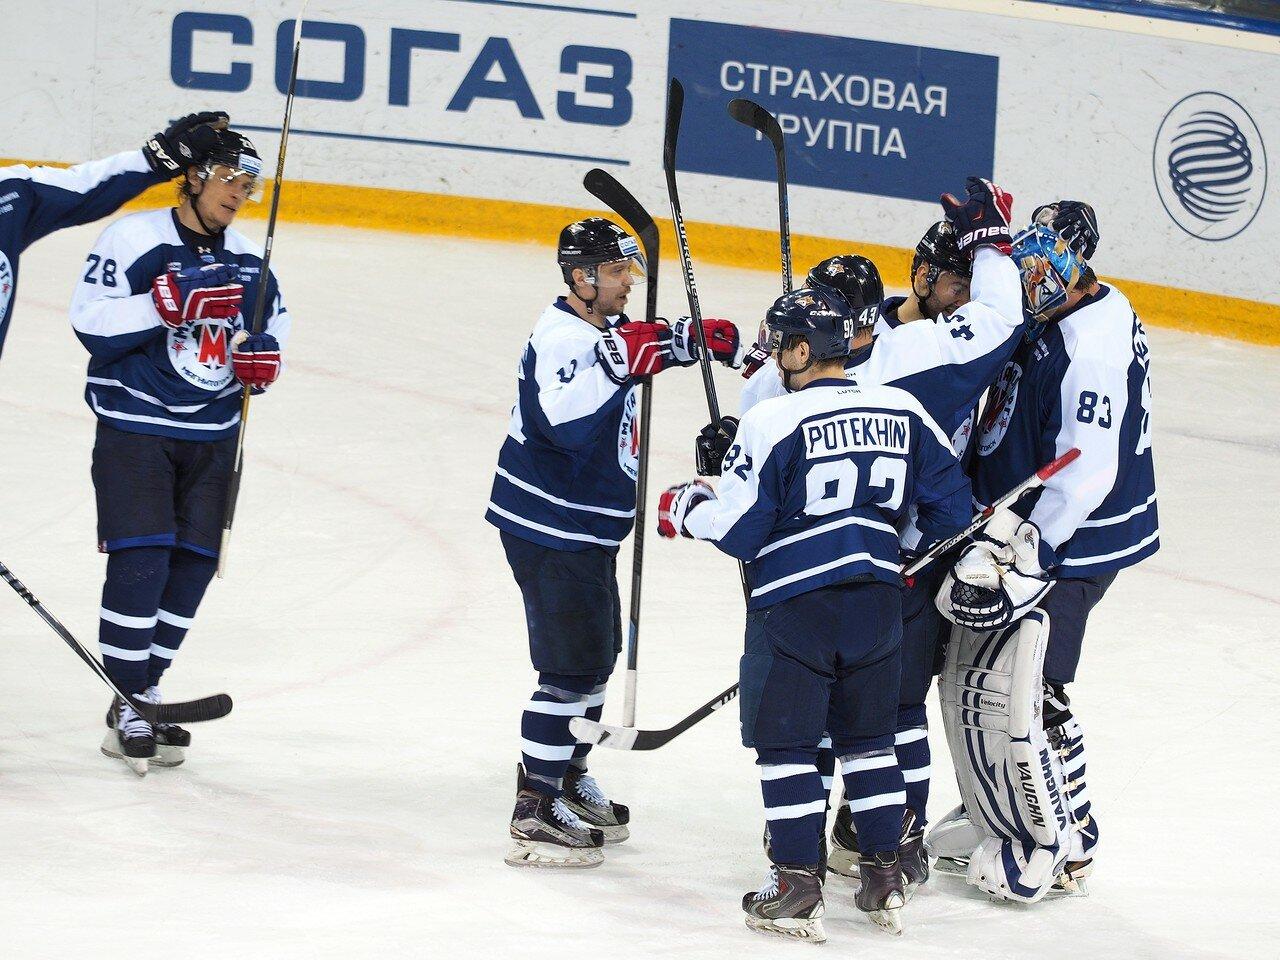 119Металлург - Динамо Москва 28.12.2015